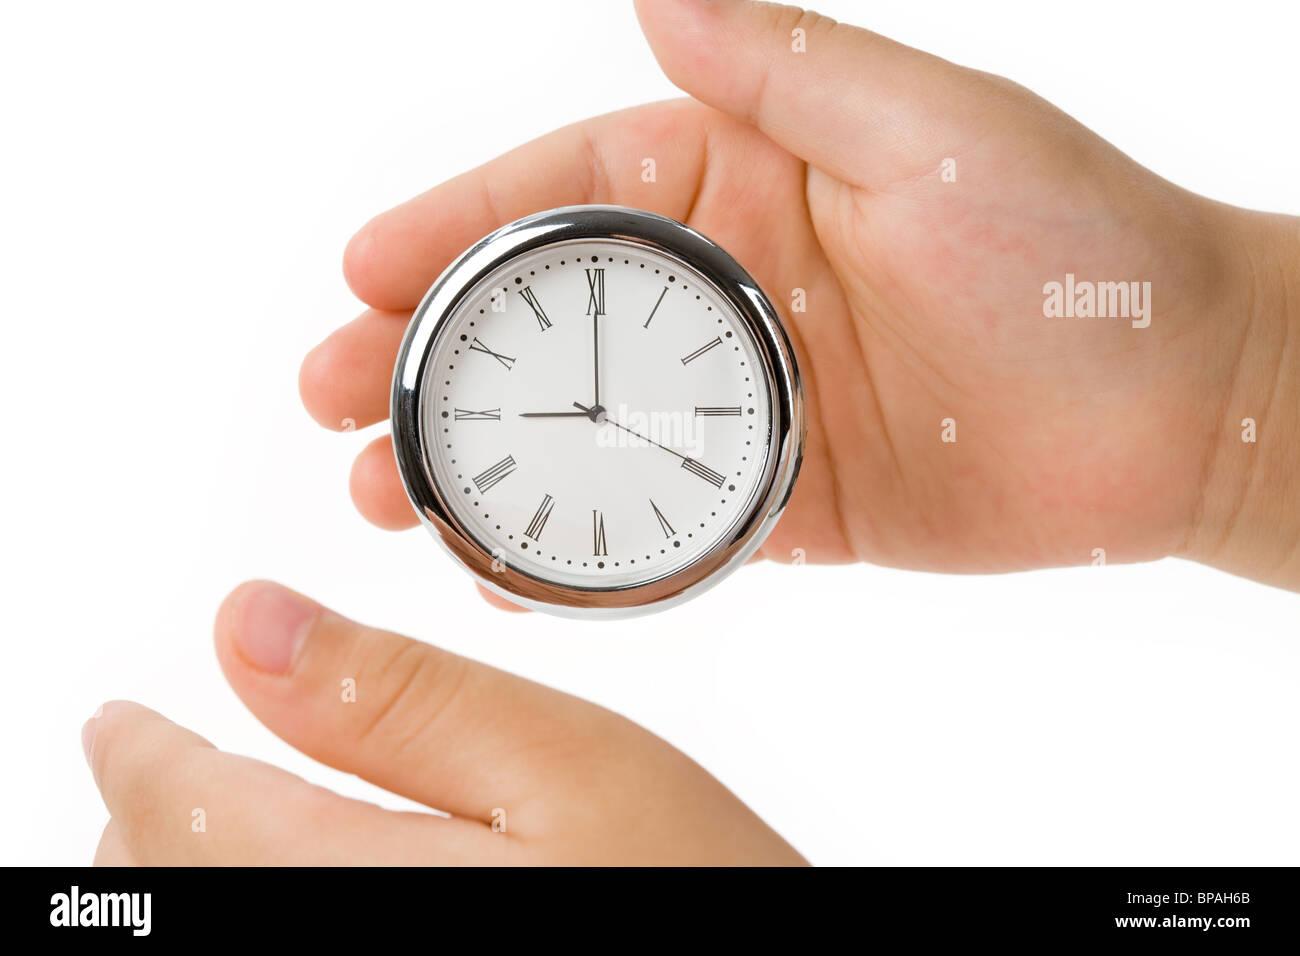 Horloge et doigt, notion du temps le contrôle et l'équilibre Photo Stock